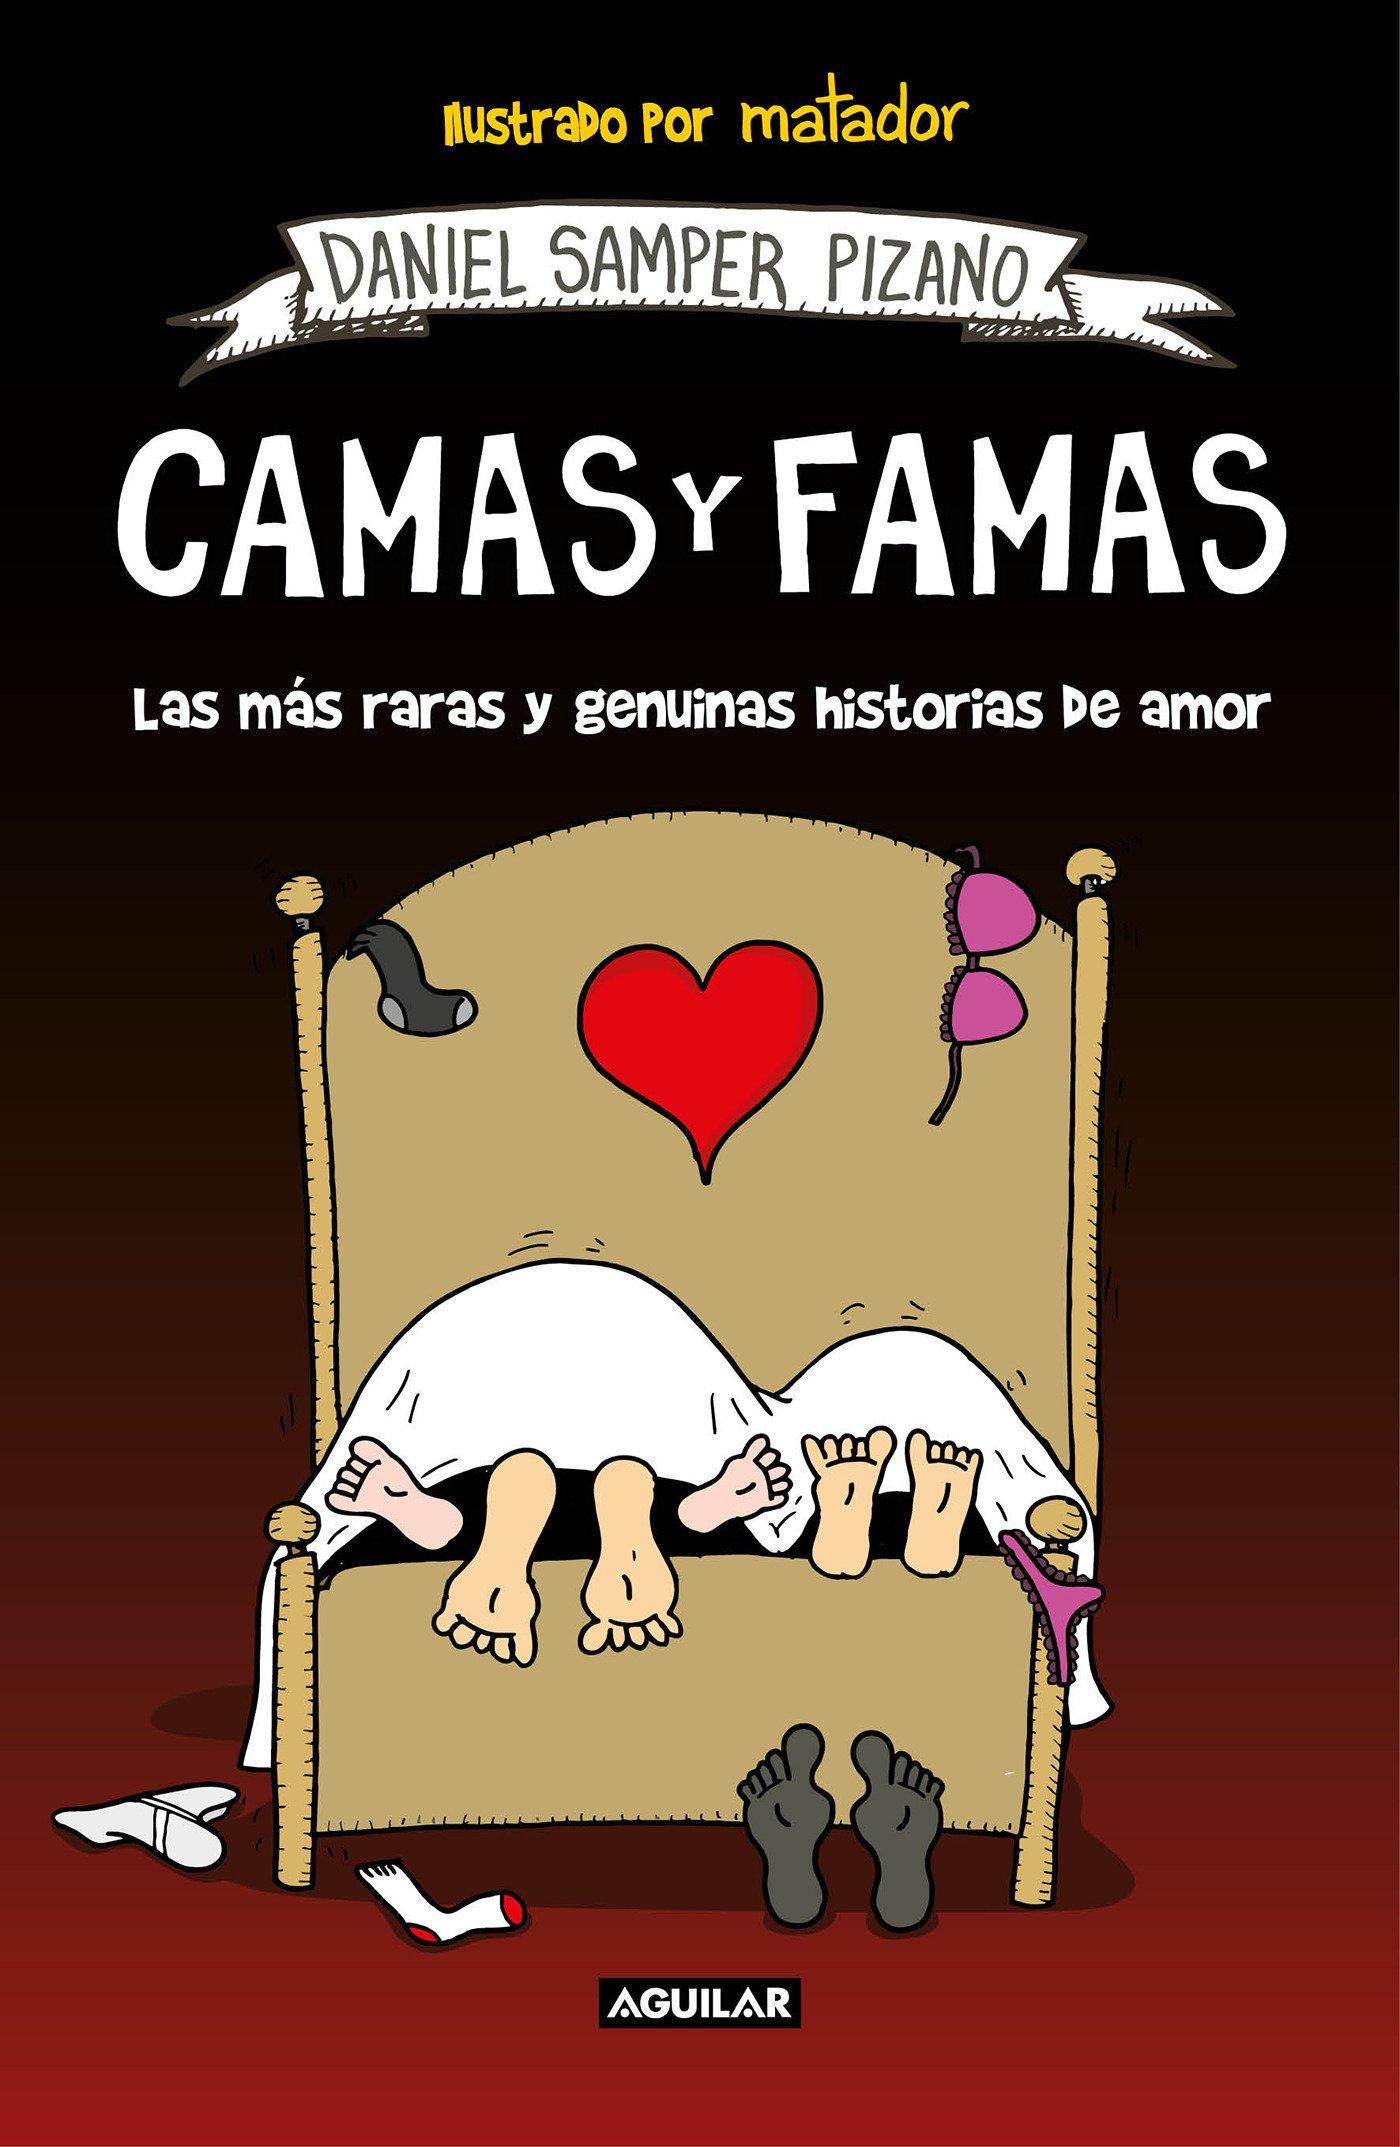 Camas y famas: Las más raras y genuinas historias de amor (Tendencias) Tapa blanda – 7 jun 2018 Daniel Samper Pizano AGUILAR 8403518595 HISTORY / Essays